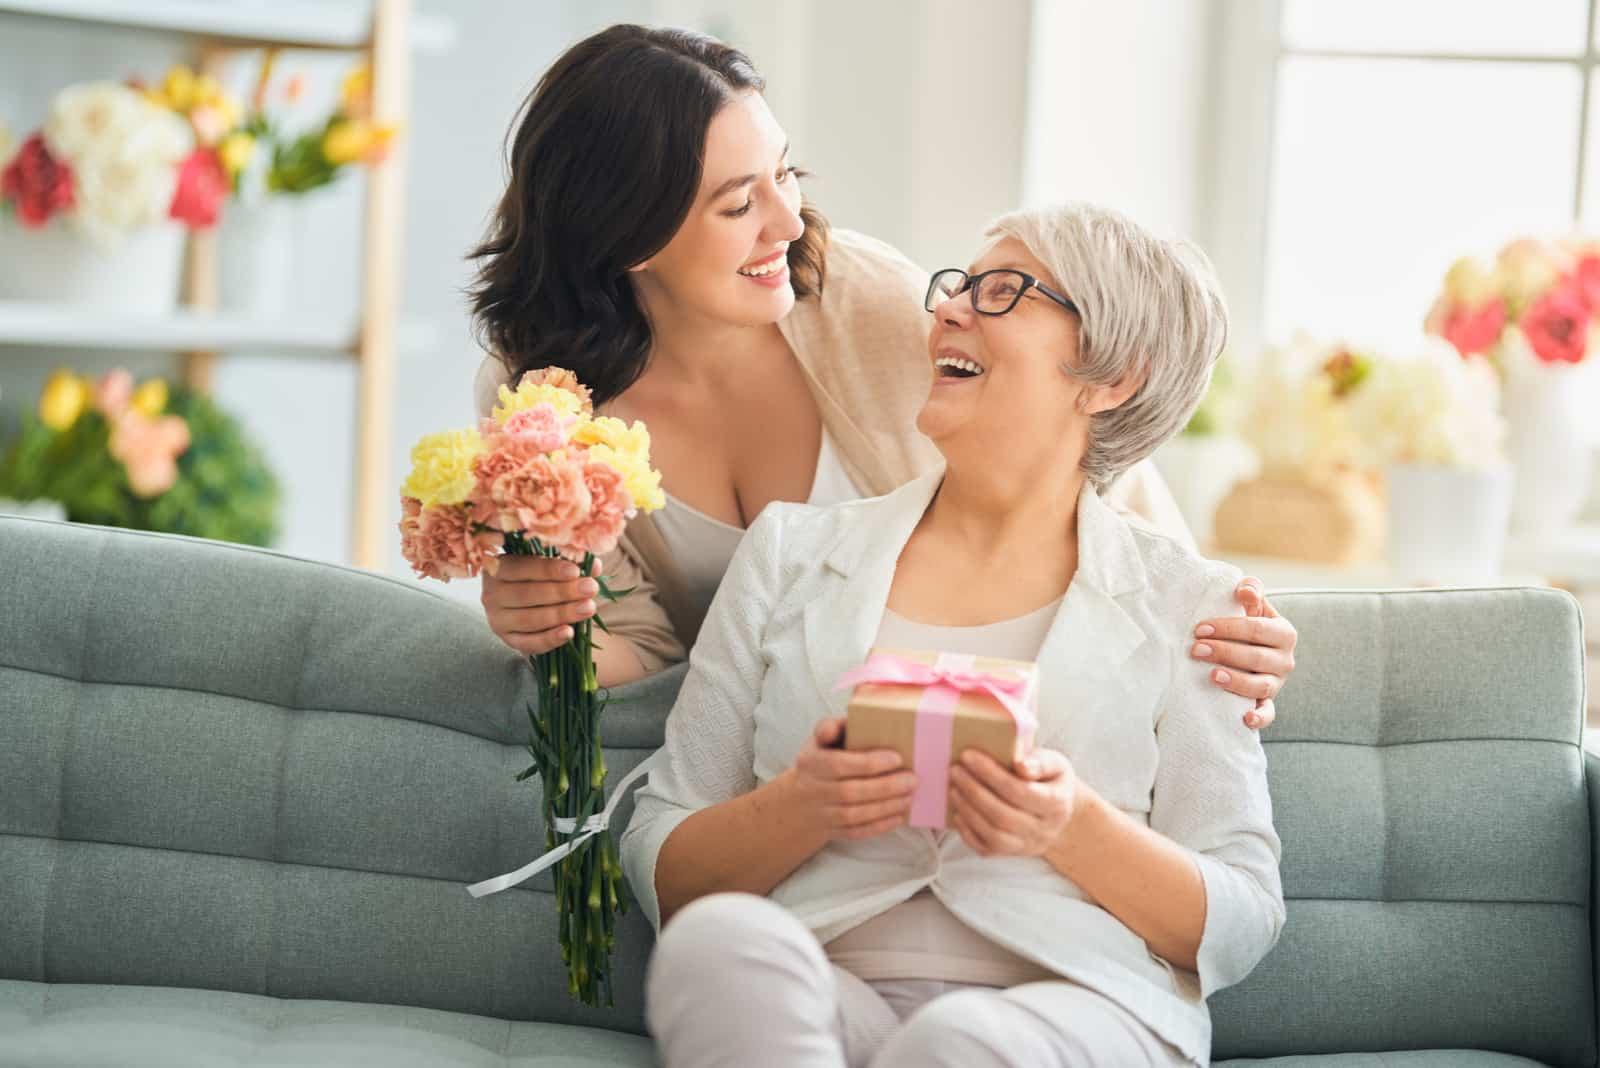 pendant que maman est assise sur le canapé, le pédé surpris avec des fleurs